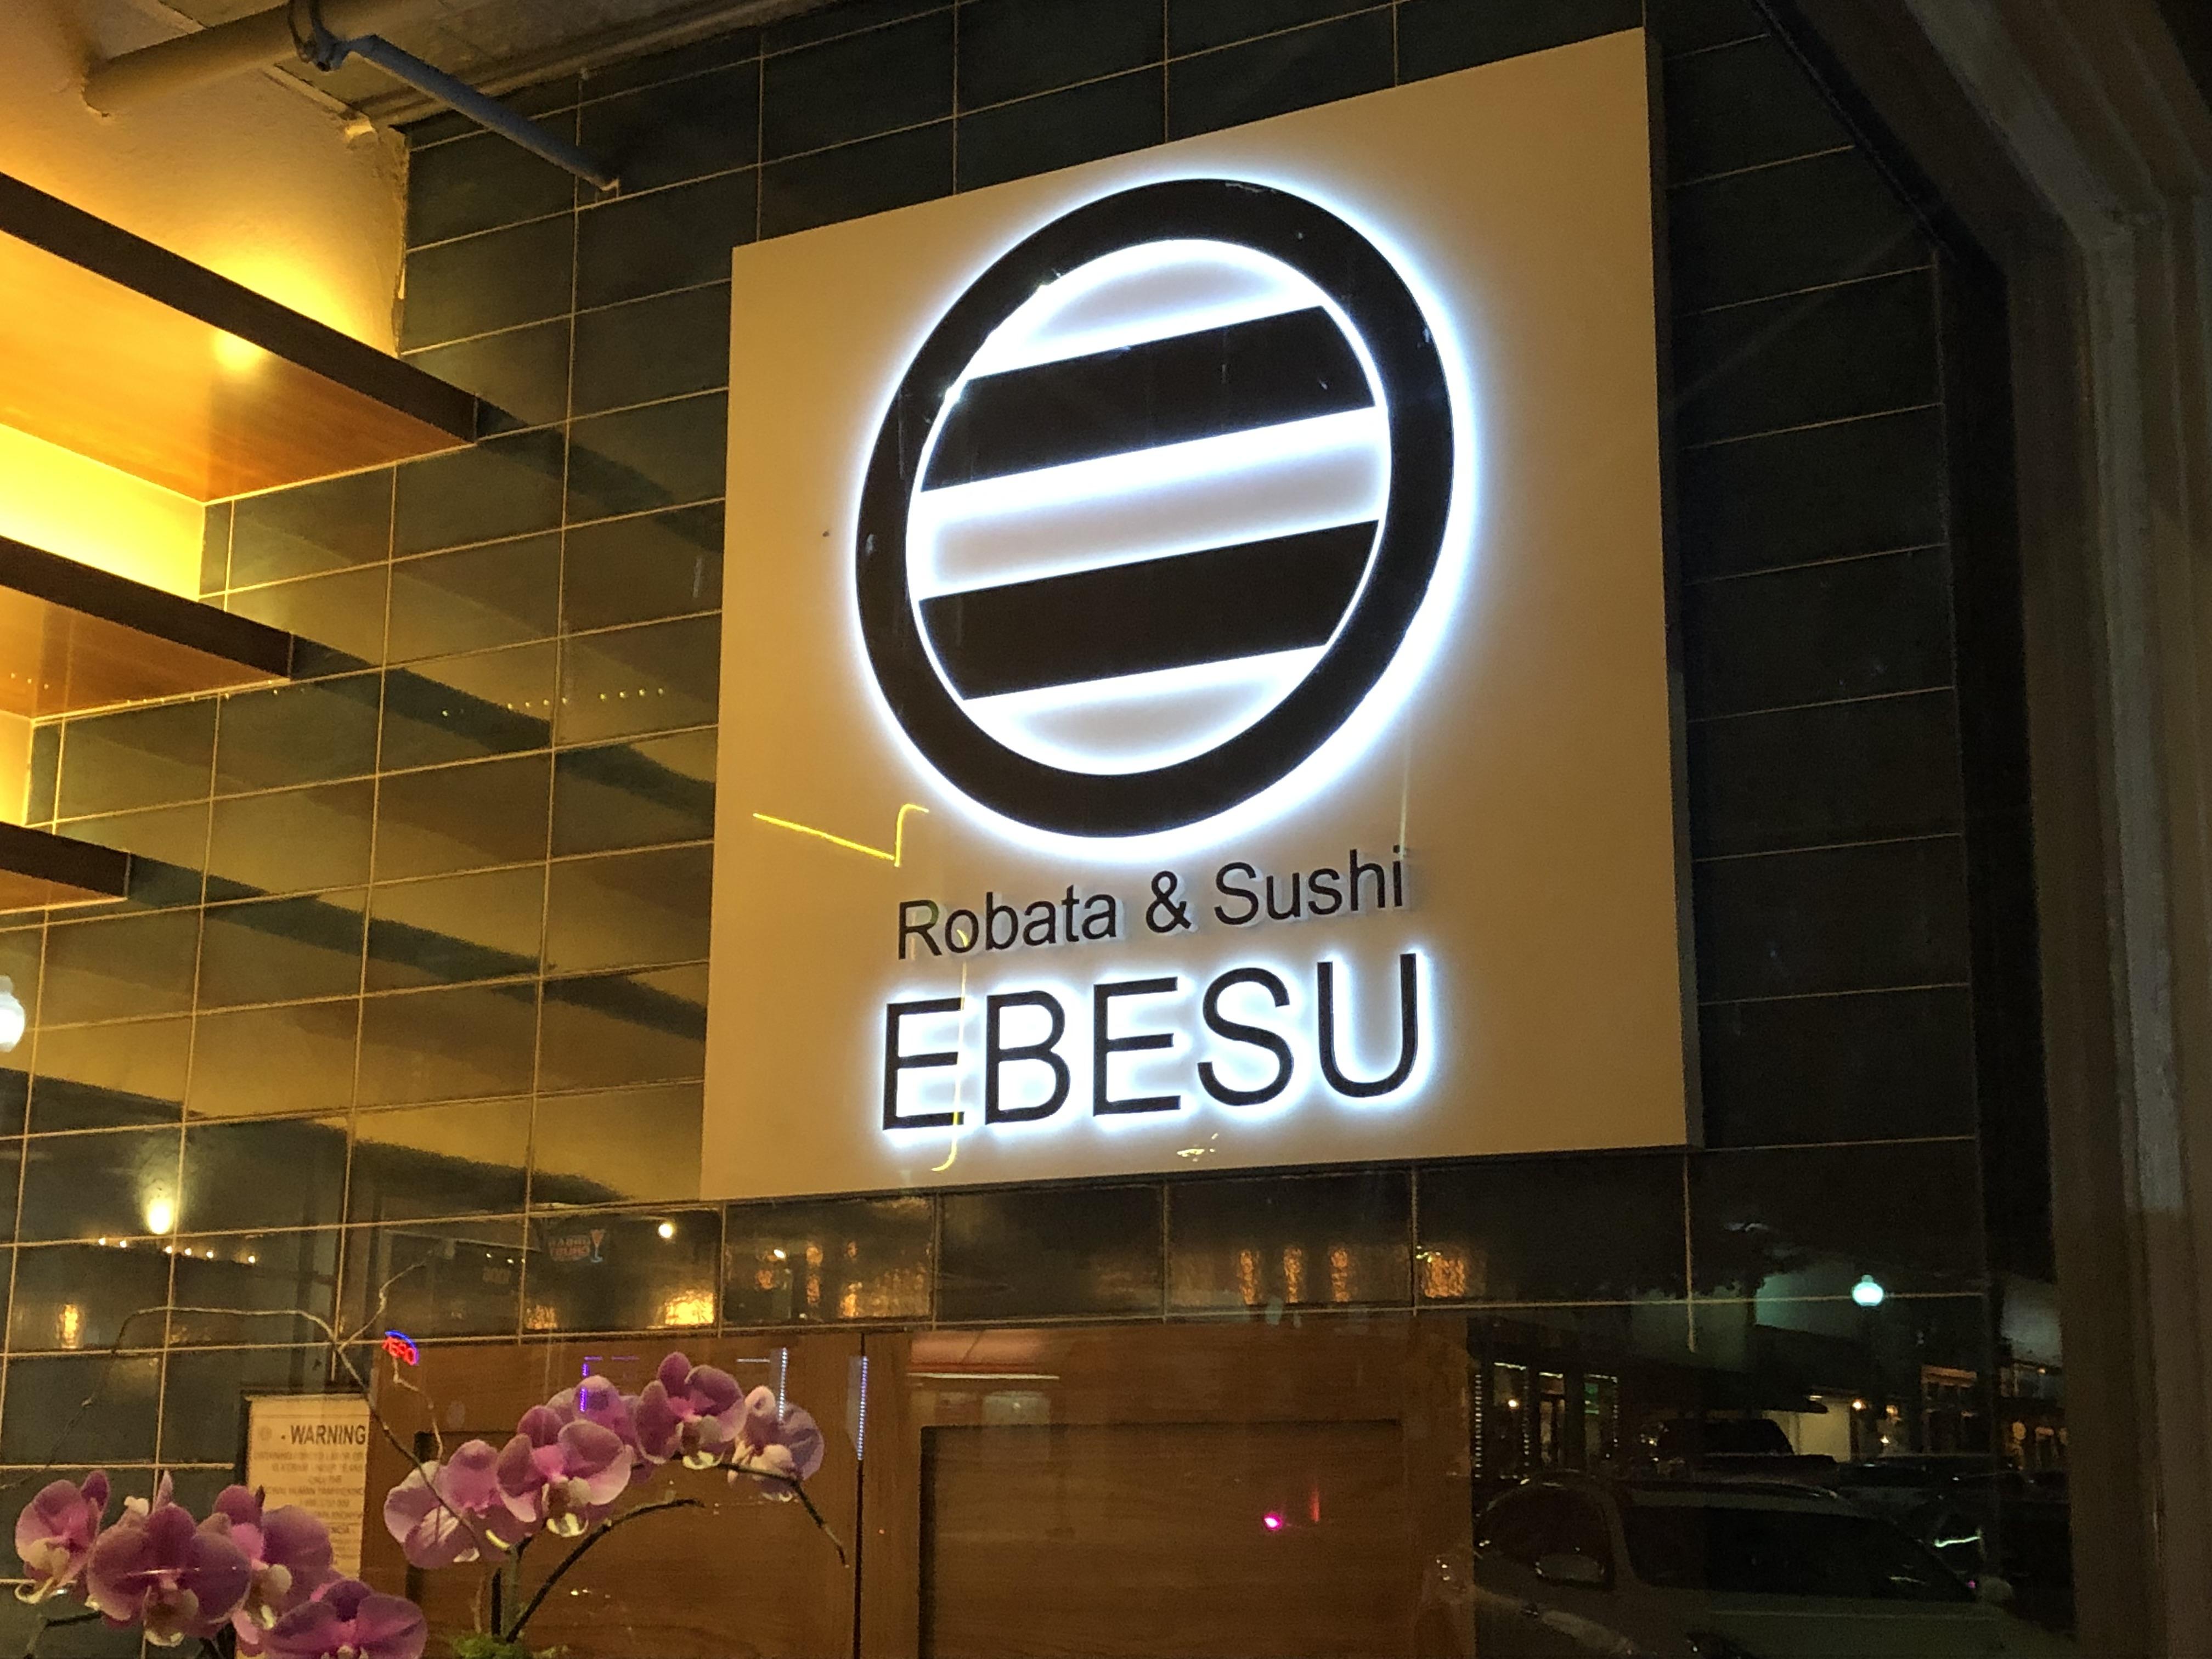 プレイノダウンタウンに新規オープン!日本食EBESU Robata & Sushi(2019年7月プレオープン)